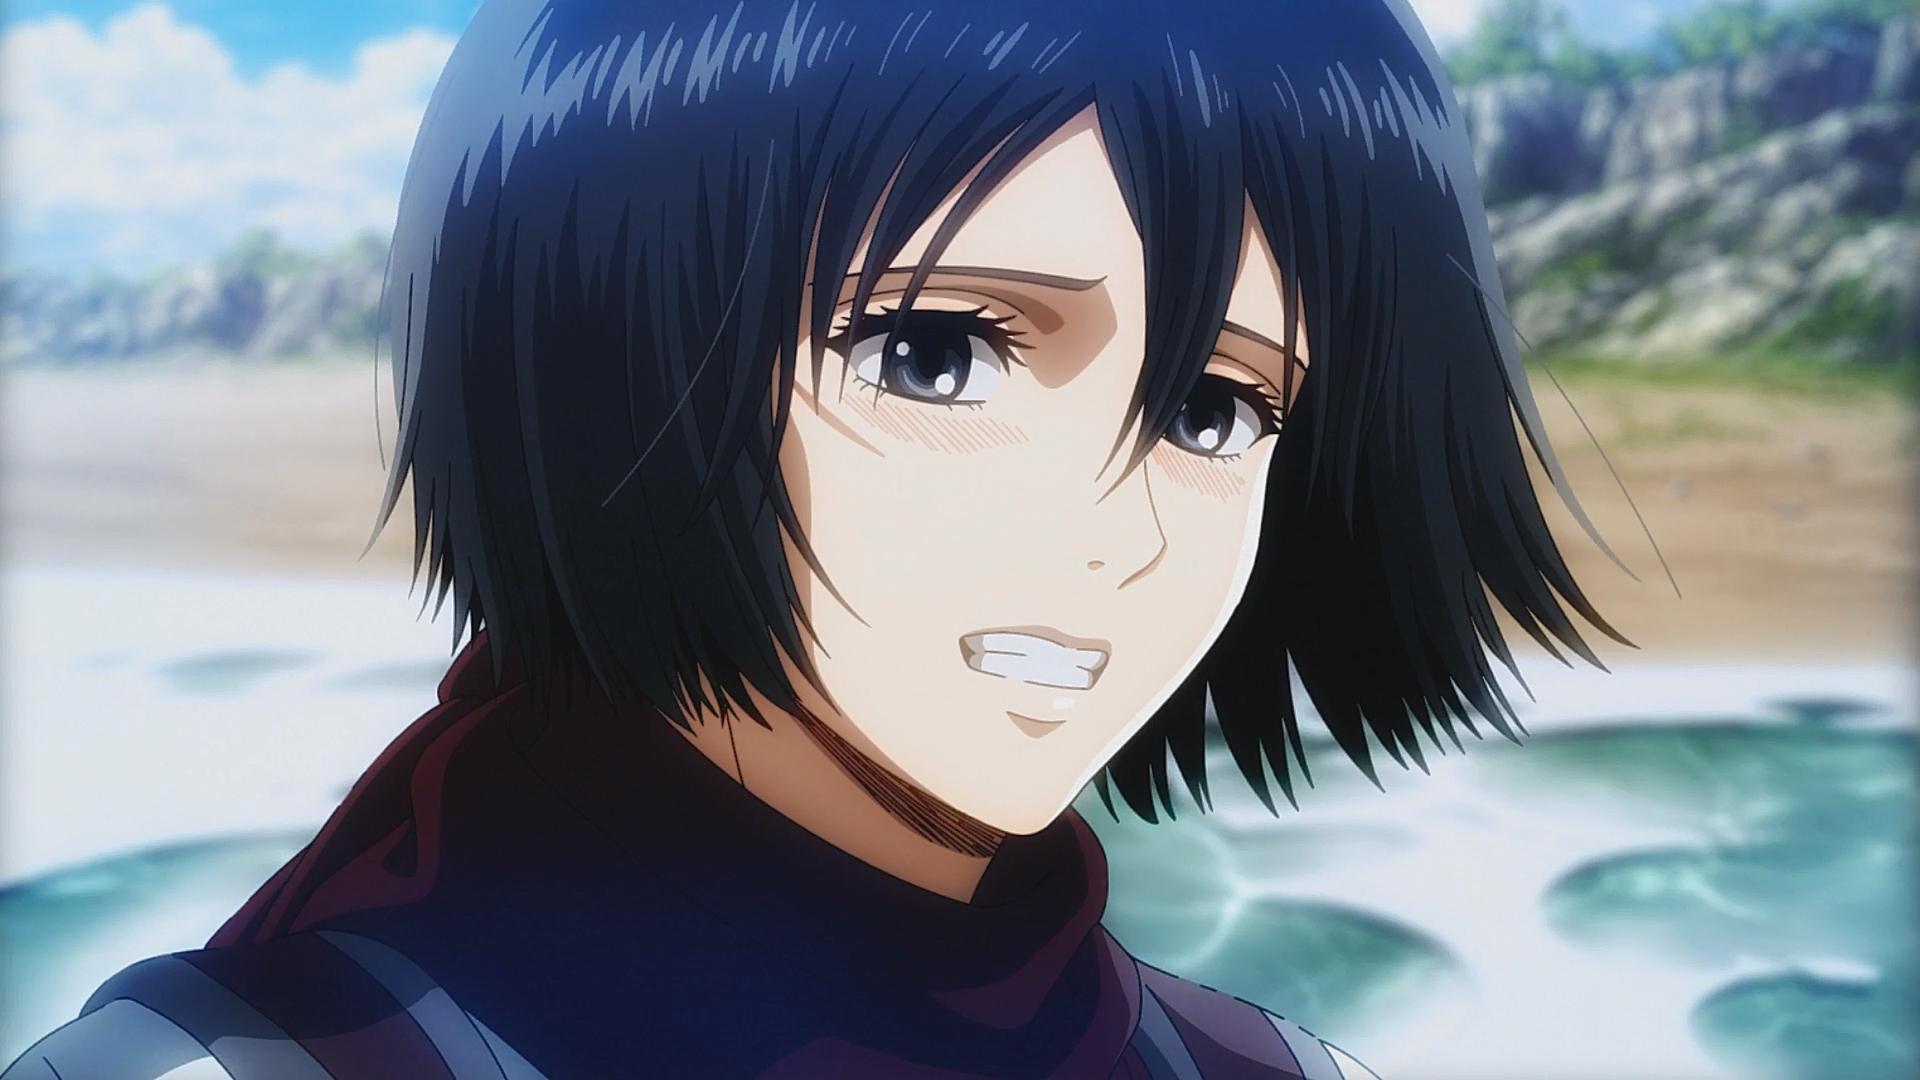 Mikasa Smiles On The Sea Attack On Titan Anime Attack On Titan Mikasa